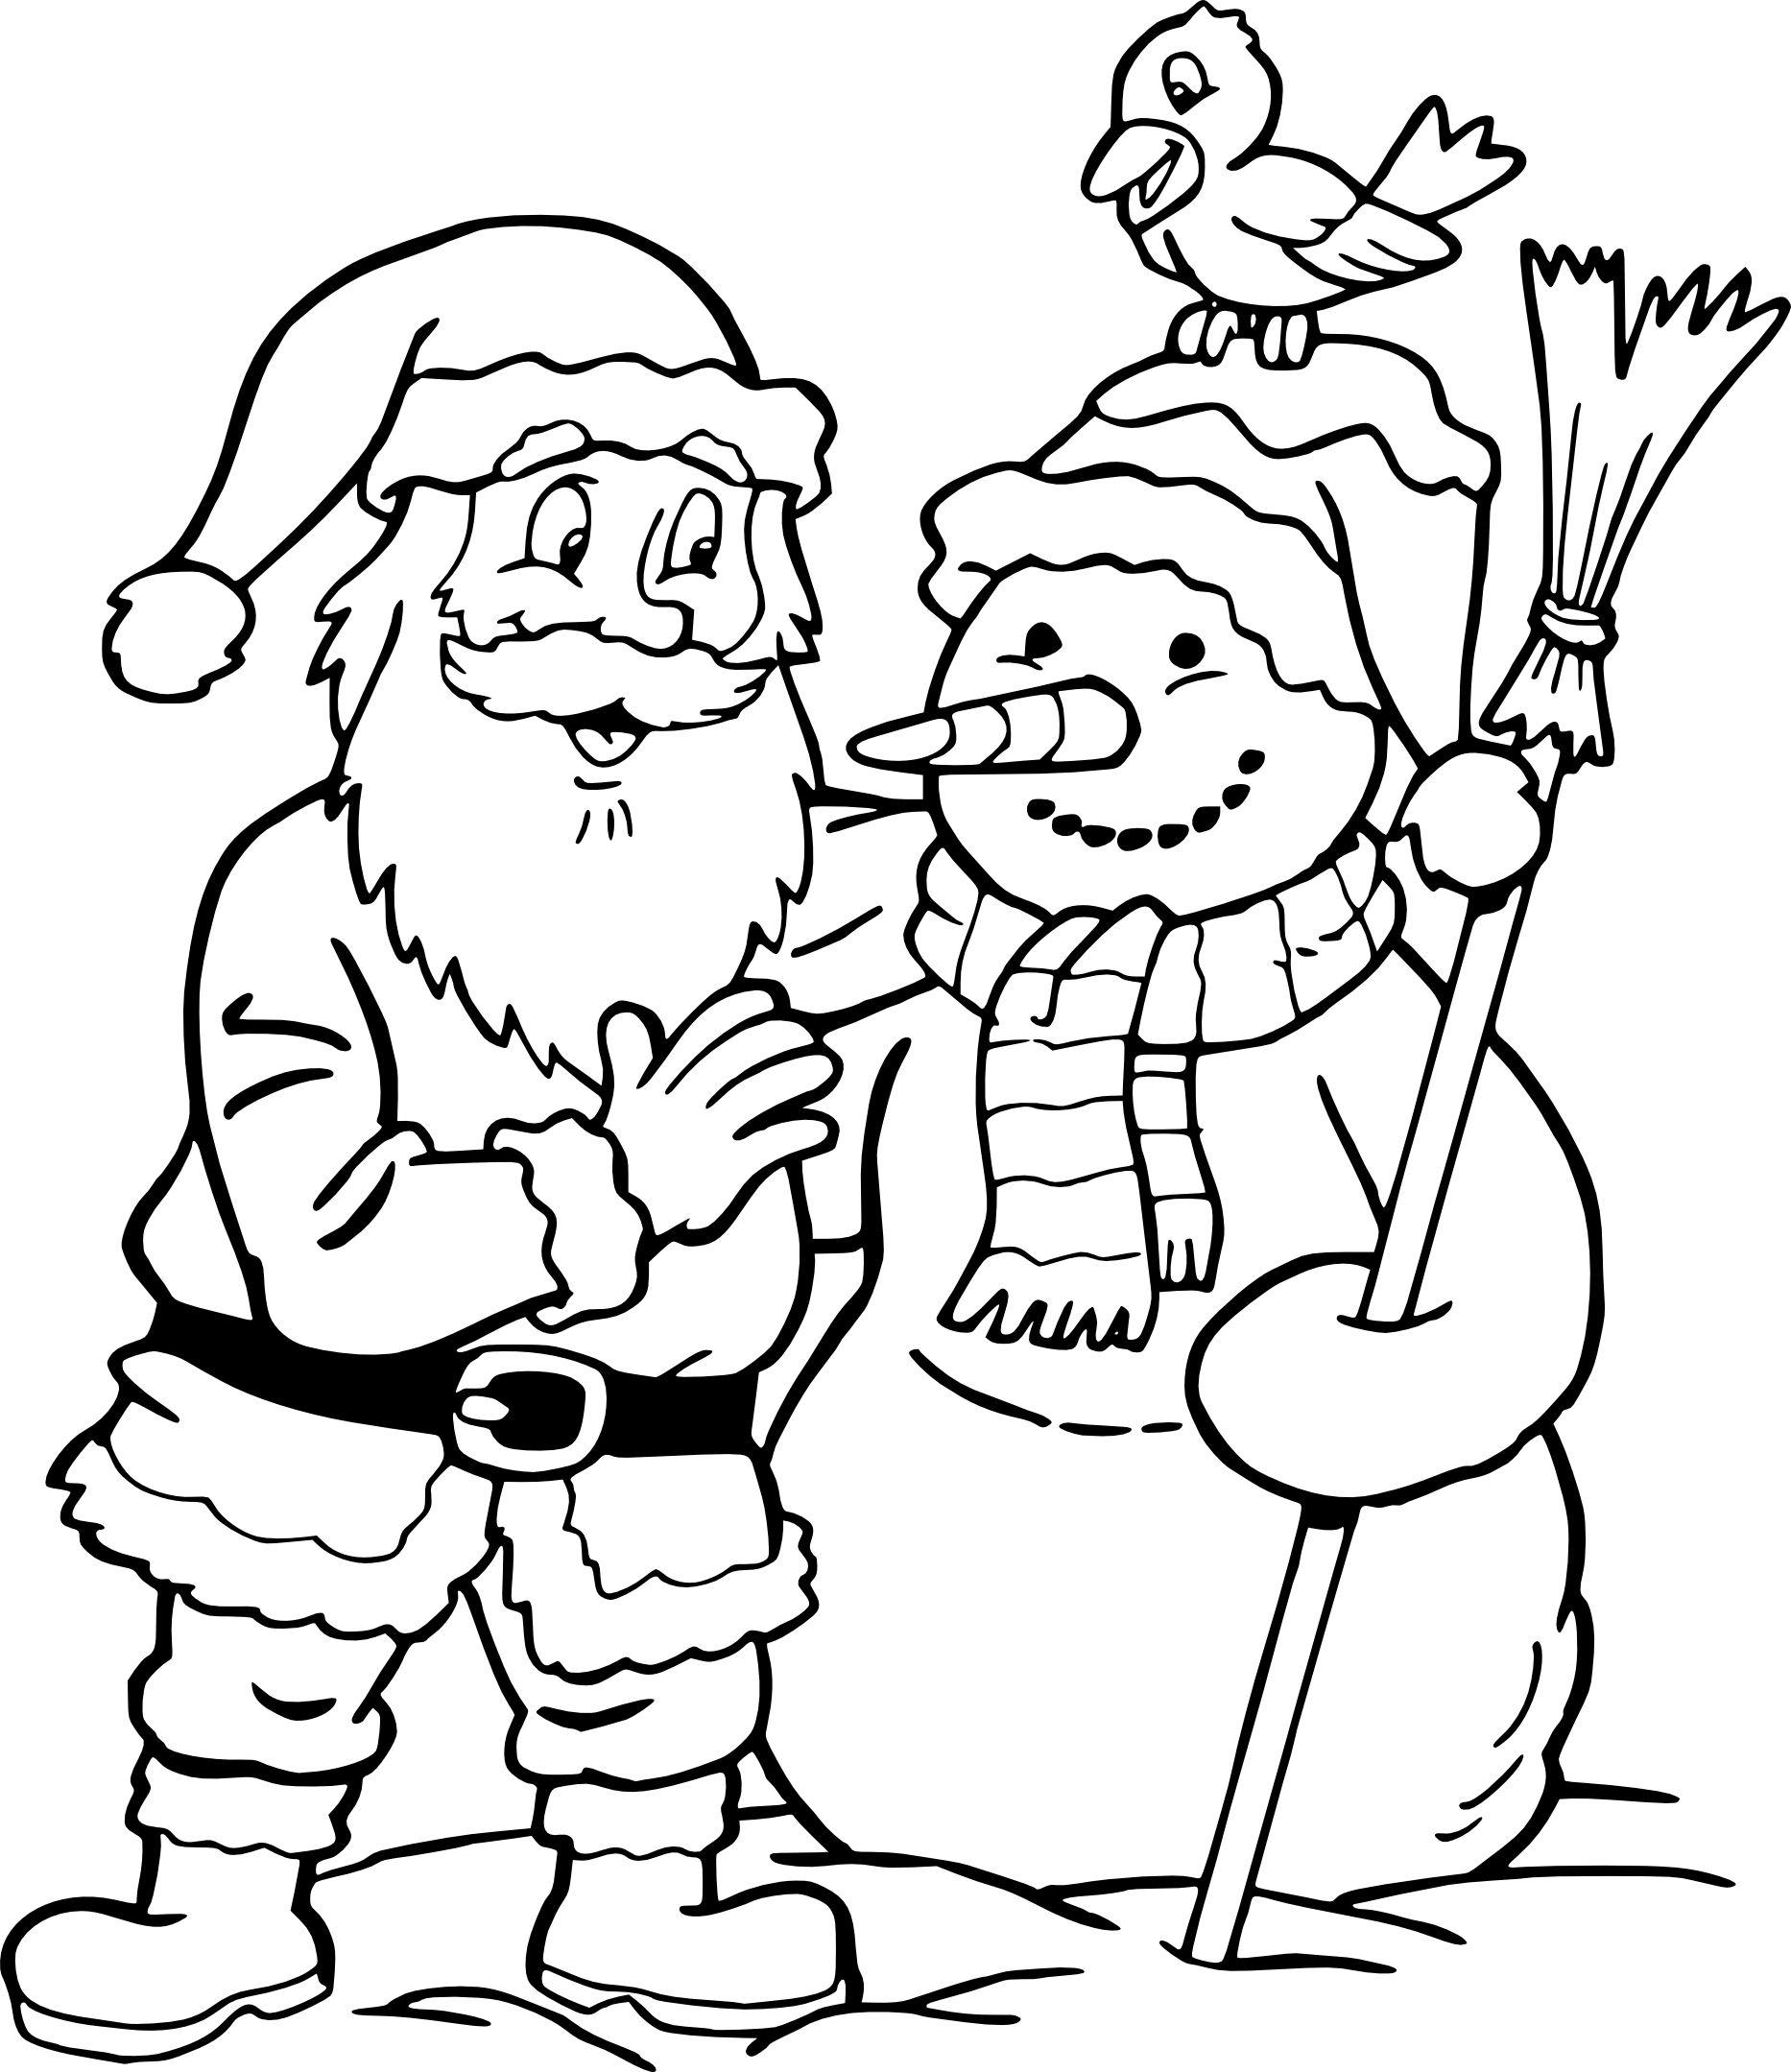 Coloriage Père Noël Et Bonhomme De Neige À Imprimer – Waouo encequiconcerne Coloriage Pere Noel À Imprimer Gratuit